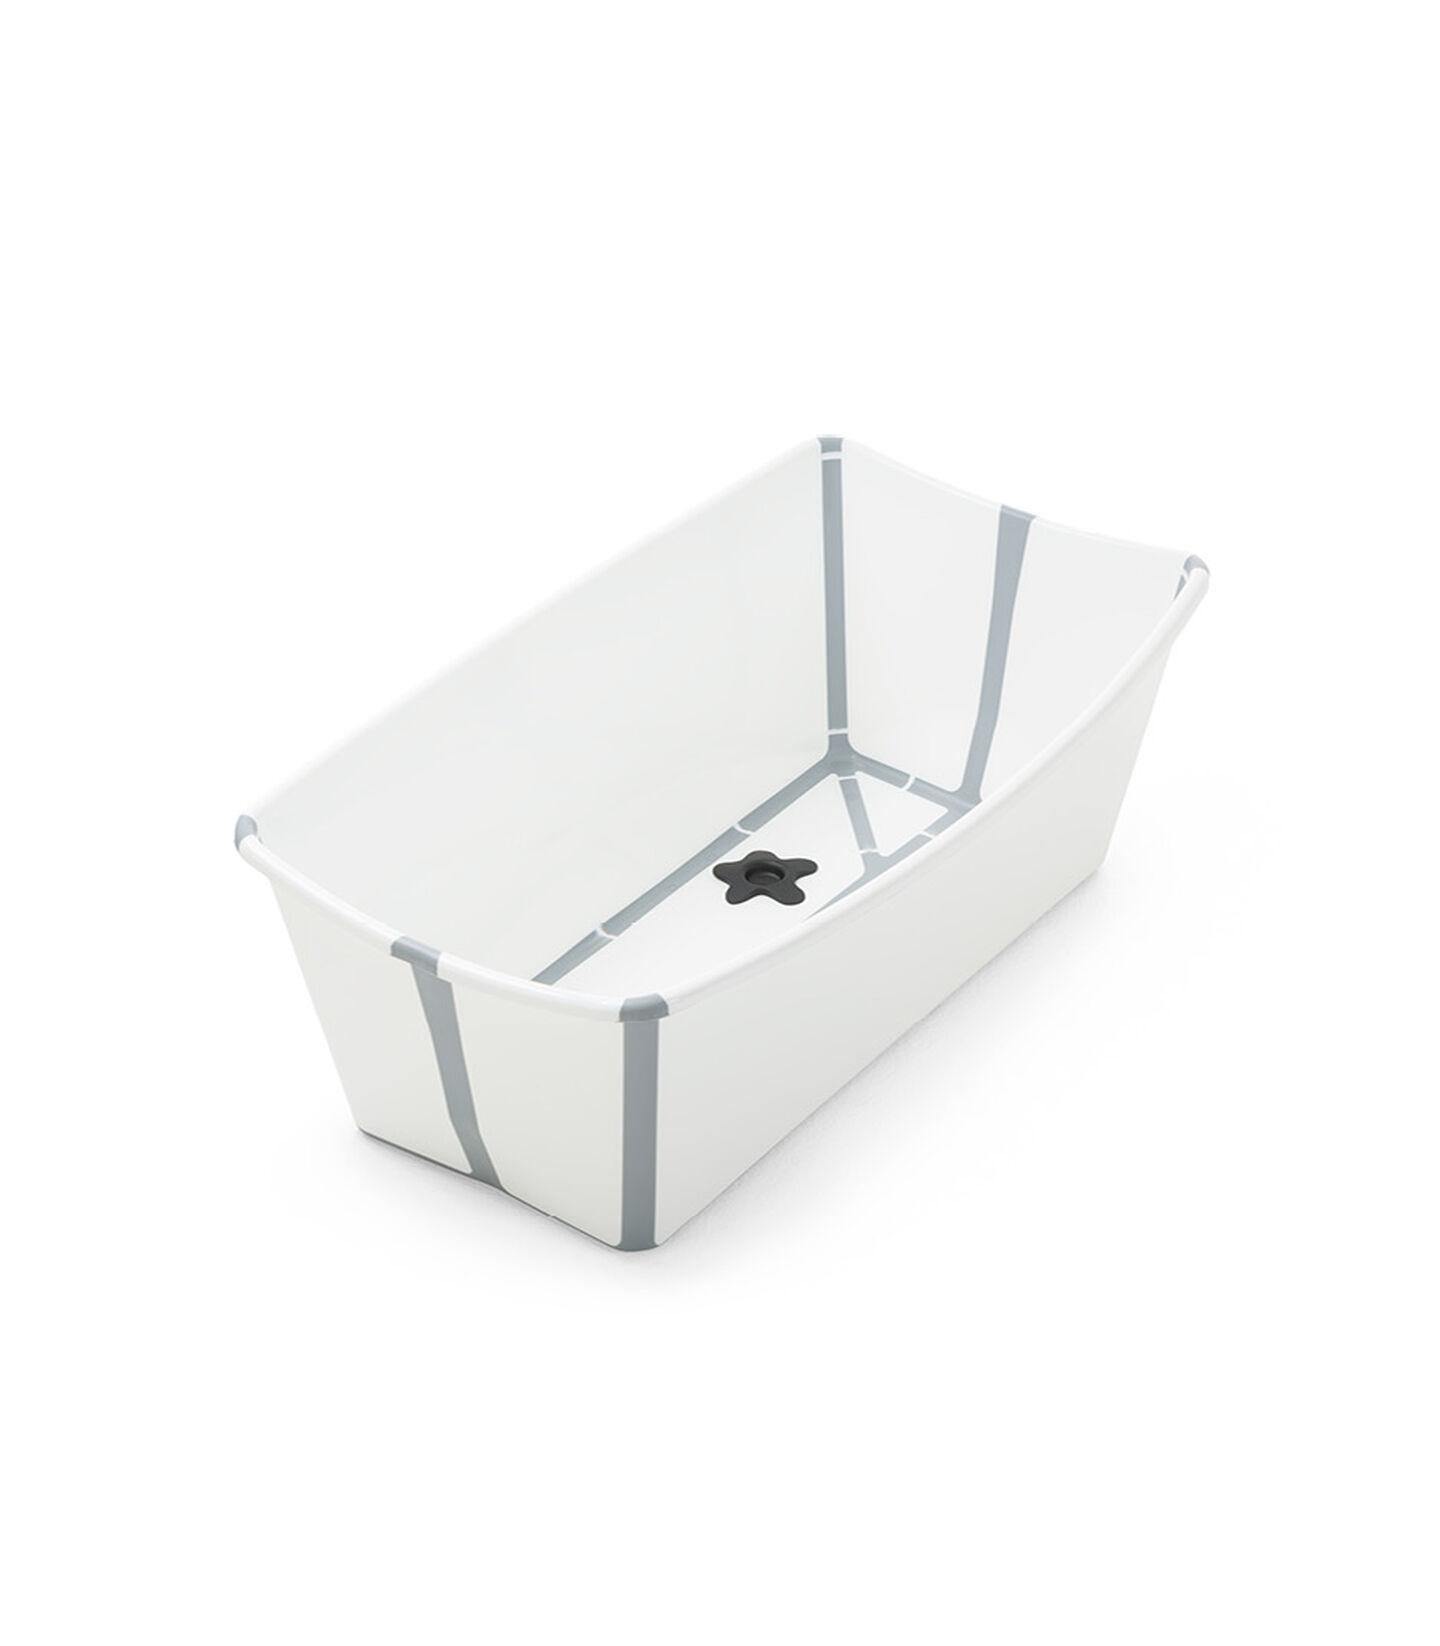 Stokke® Flexi Bath® Heat White, White, mainview view 1